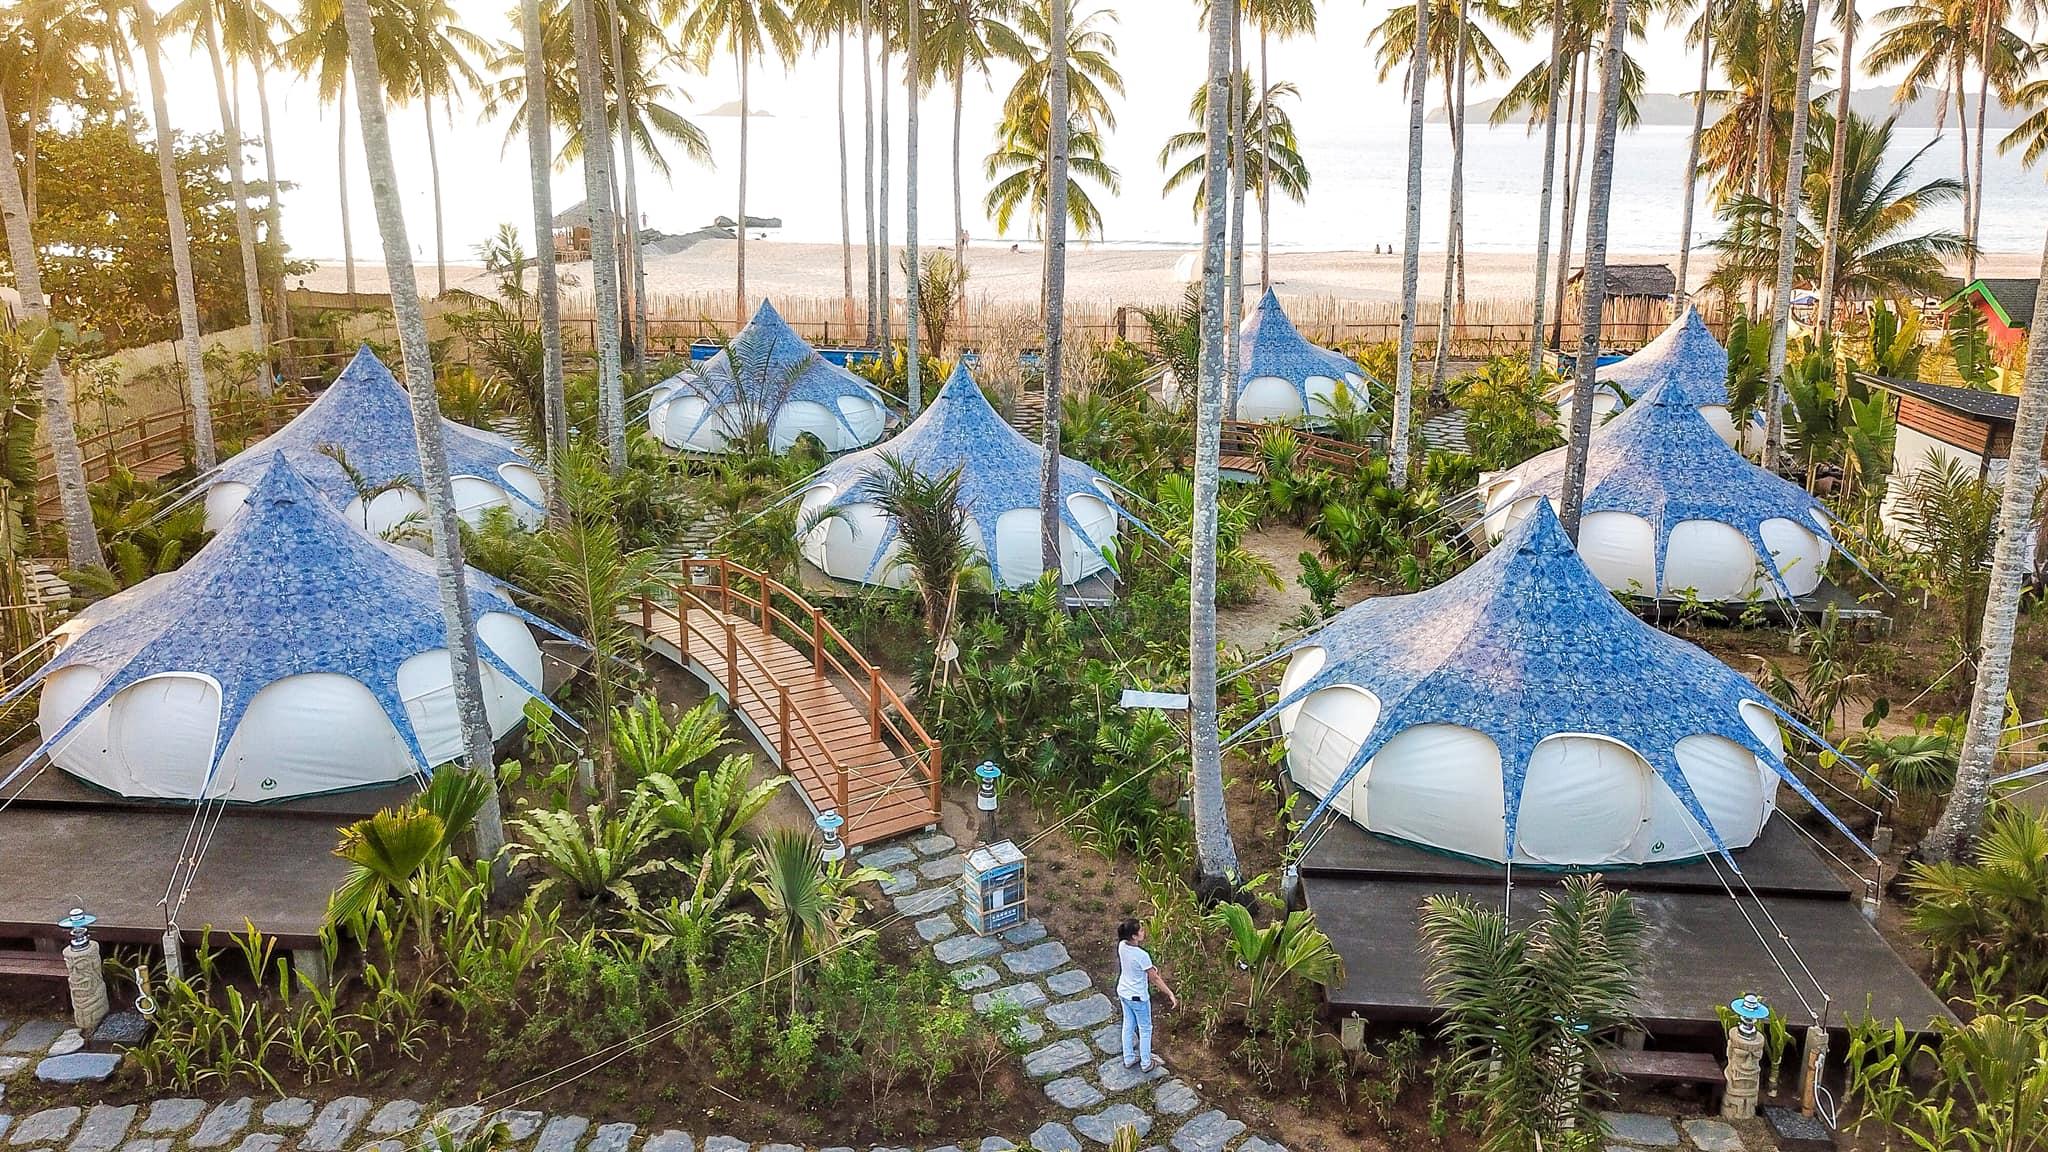 愛妮島住宿新選擇:蓮花帳篷旅館